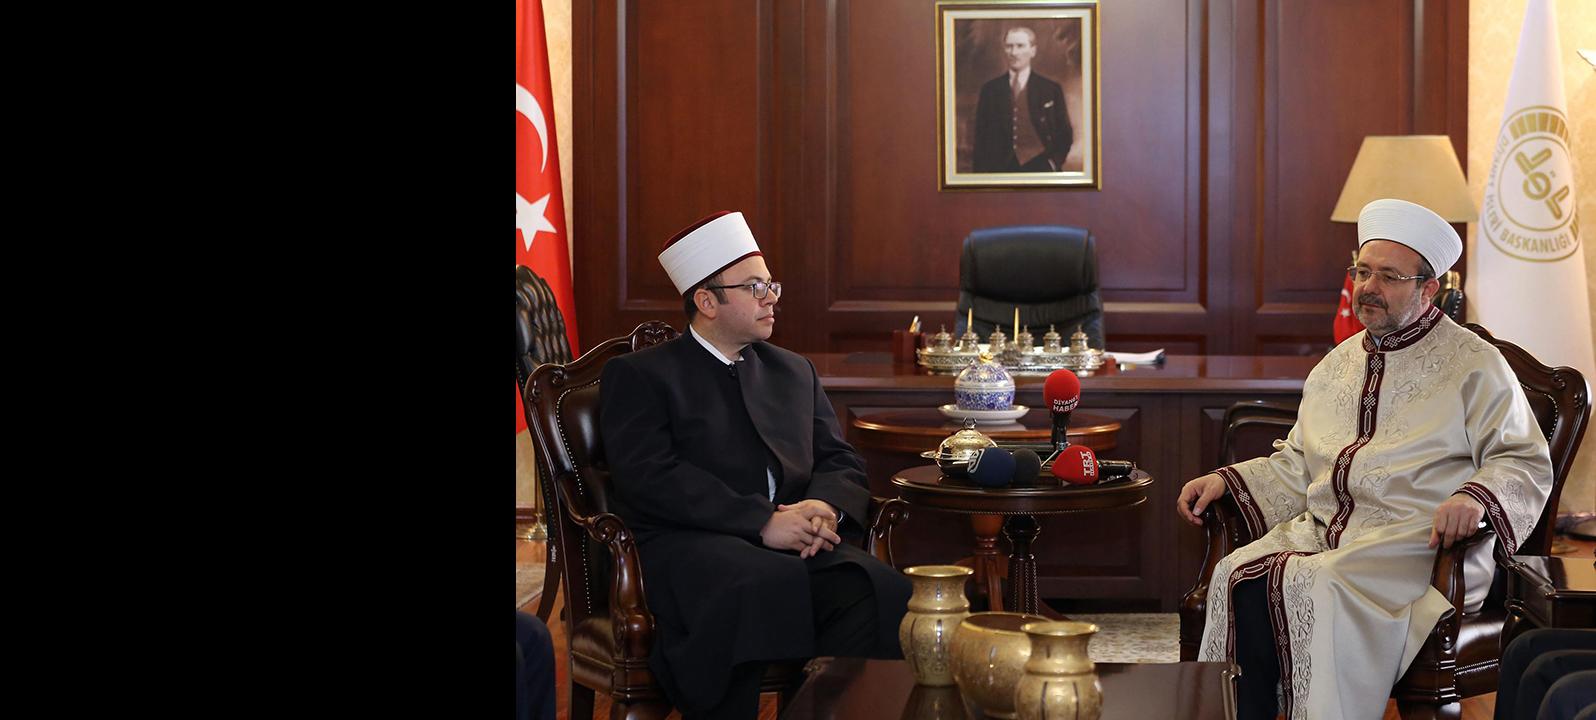 Kryetari i KMSH, vizitë zyrtare në Turqi